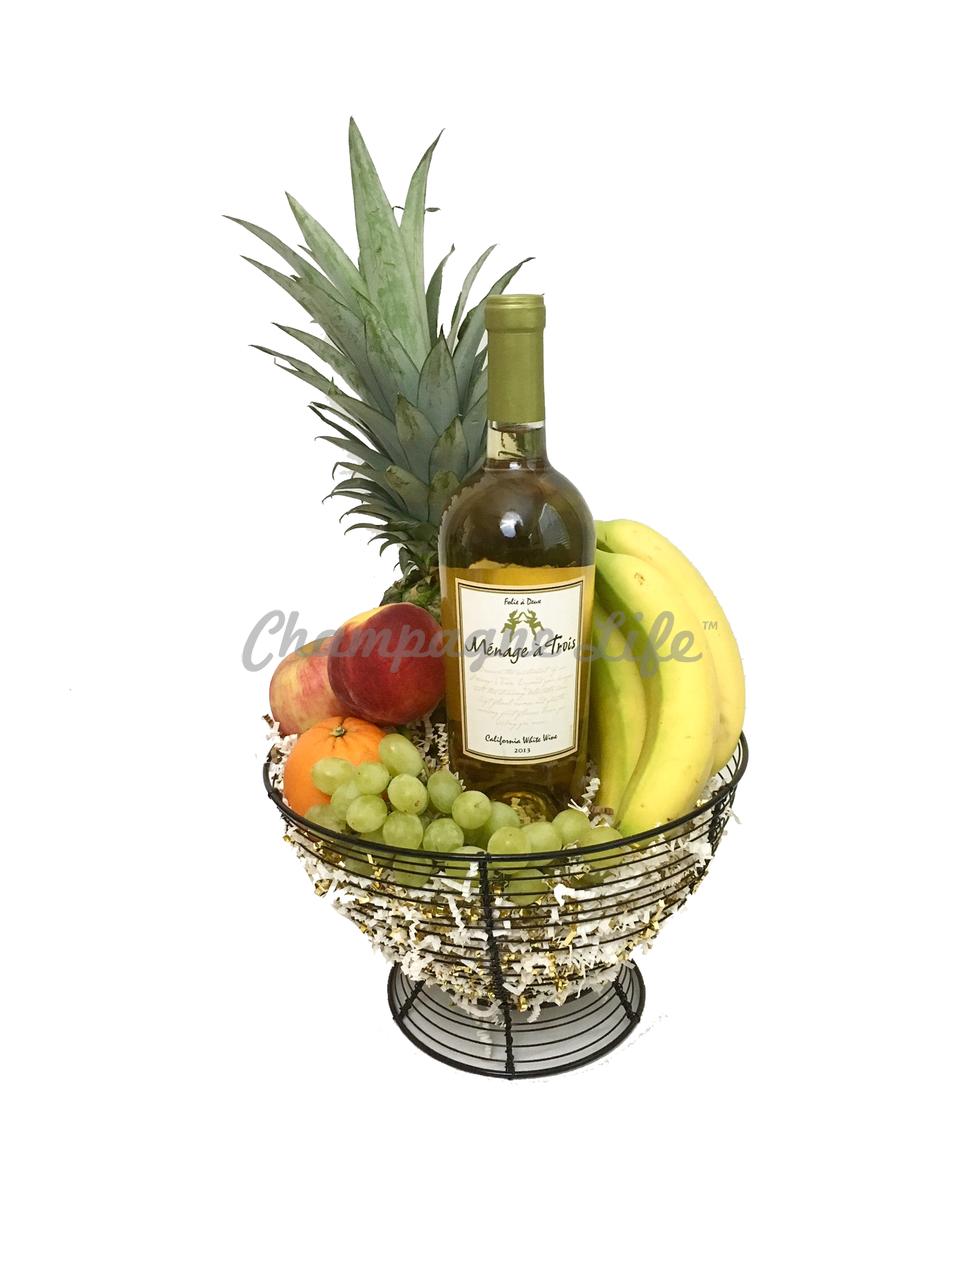 Food Basket Gifts For Christmas